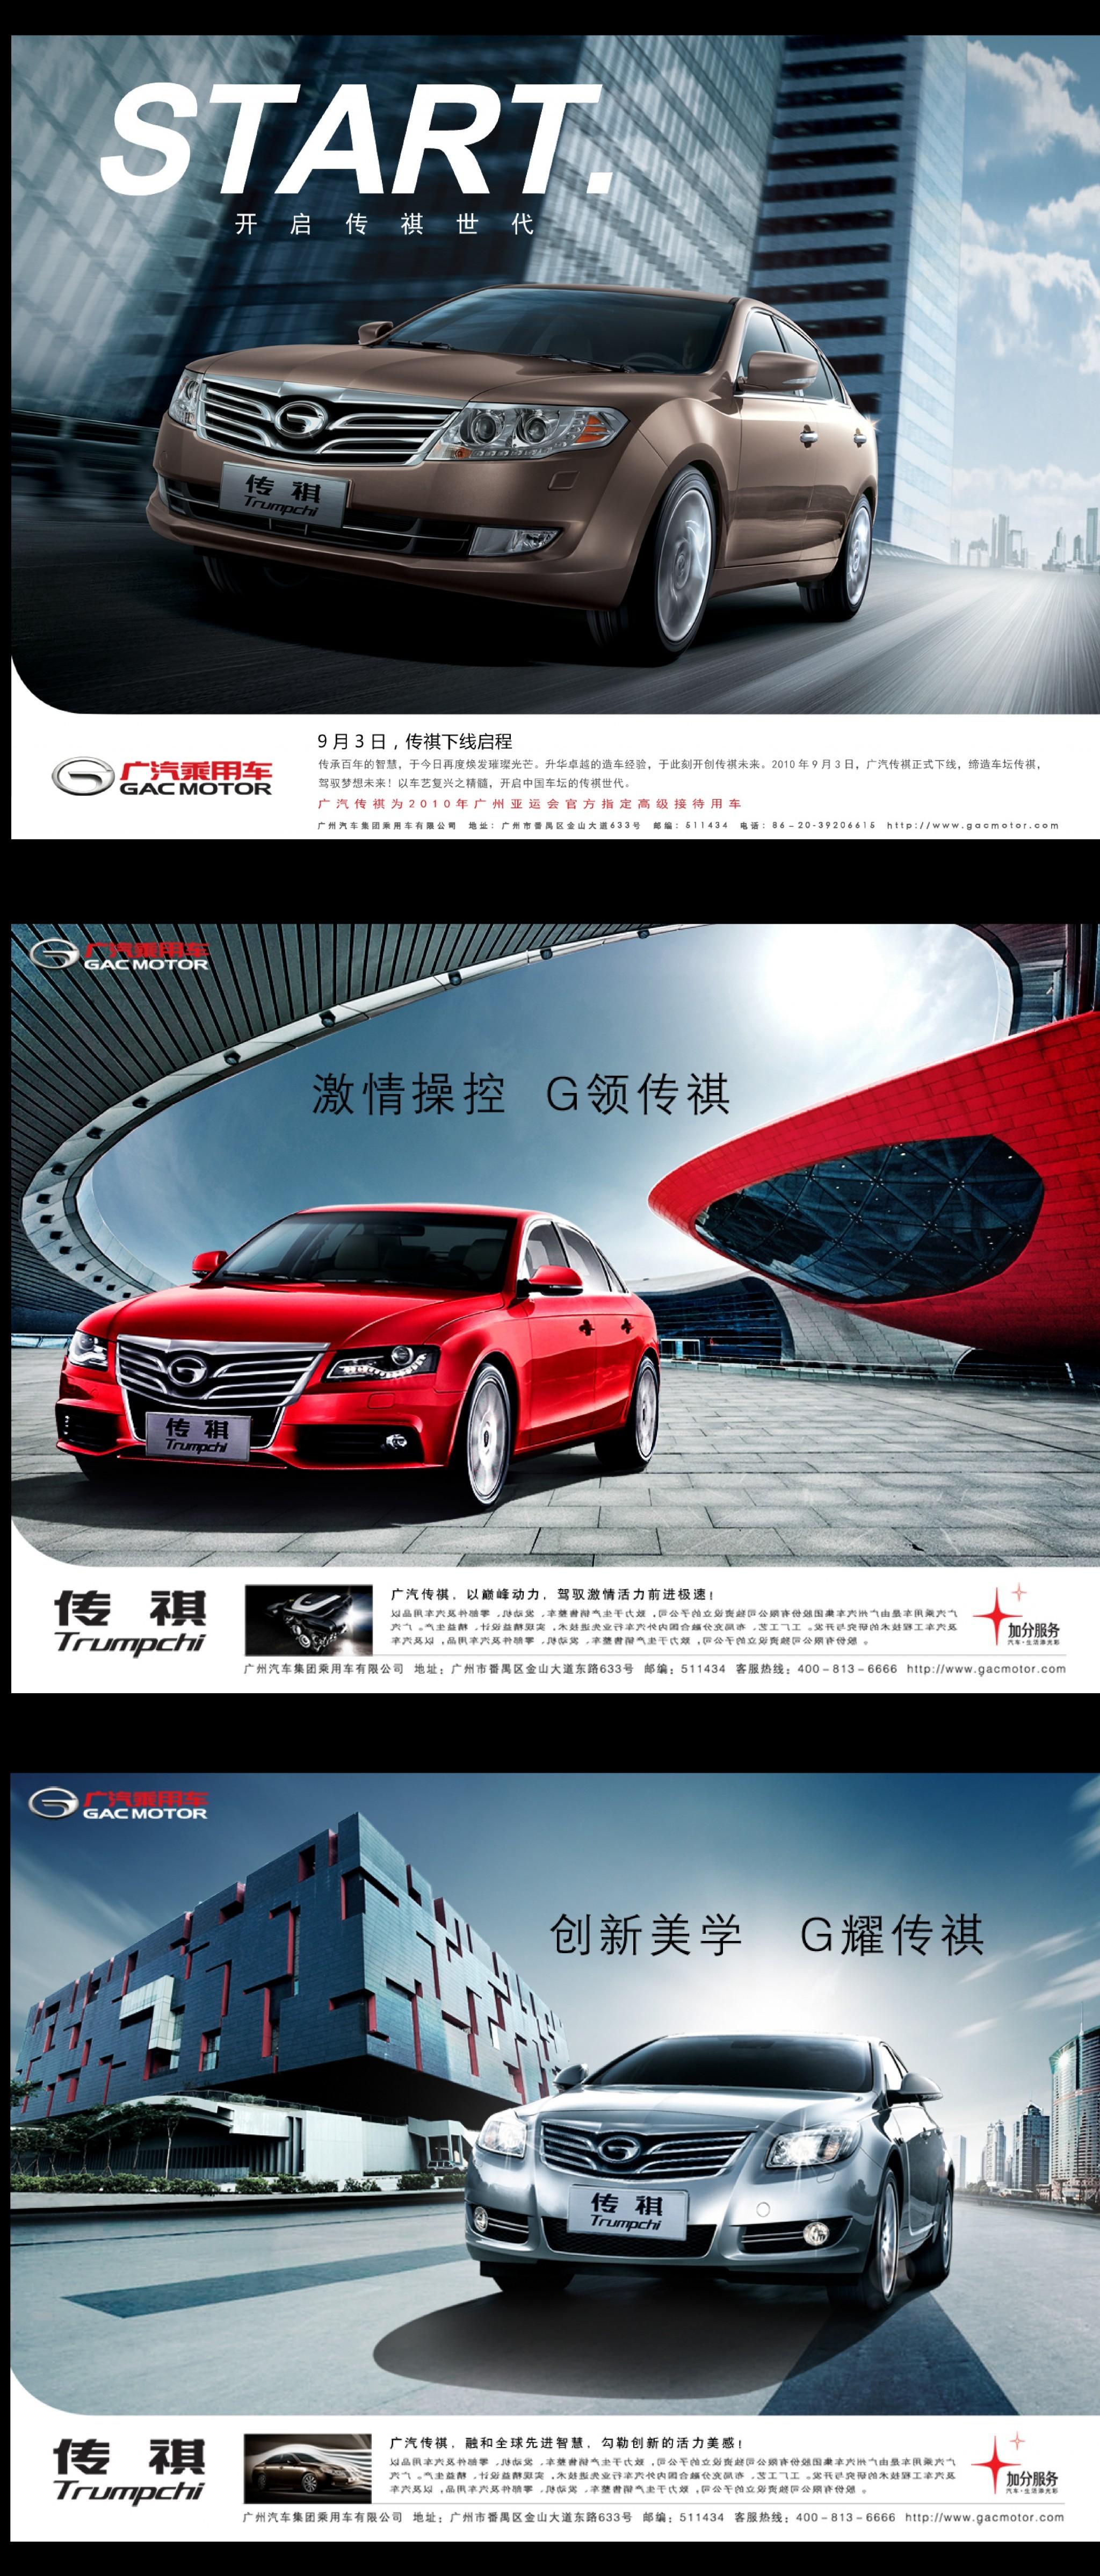 广汽集团-cs6-05